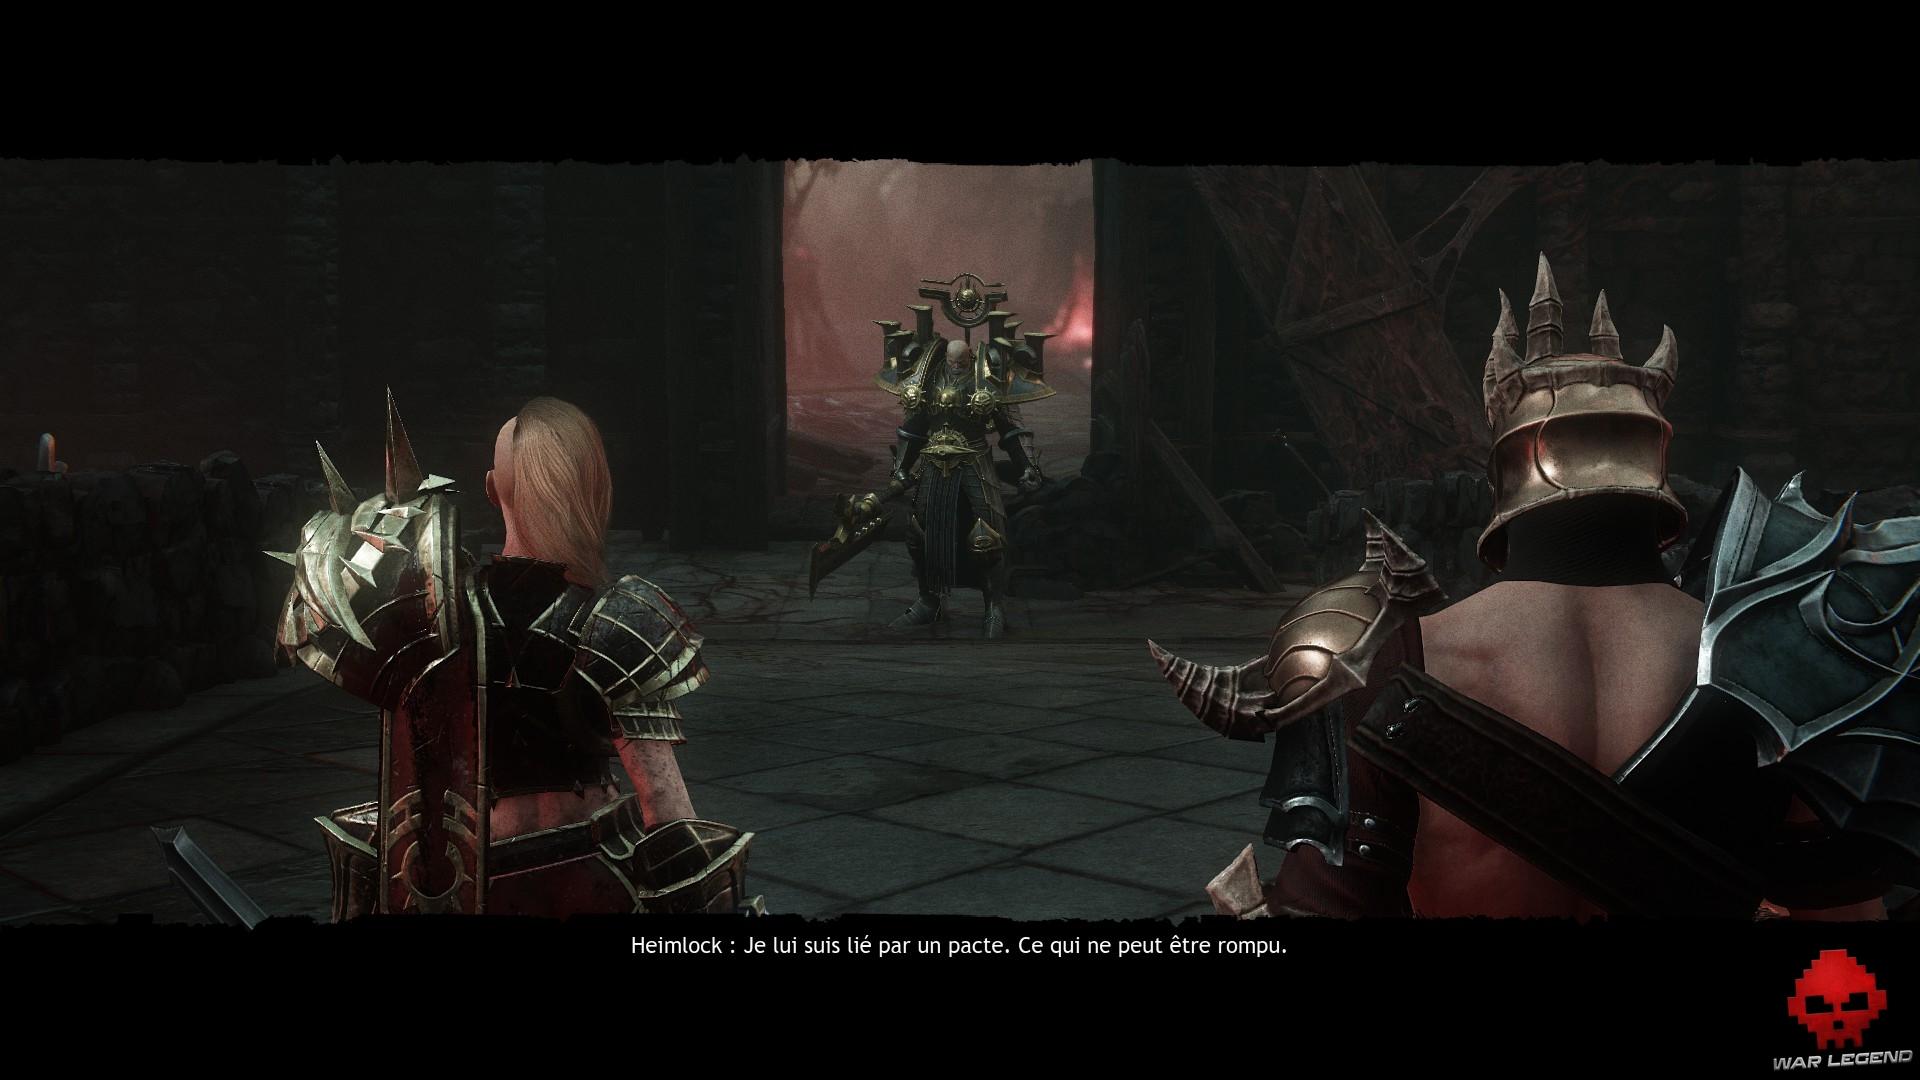 WL wolcen lords of mayhem cutscene